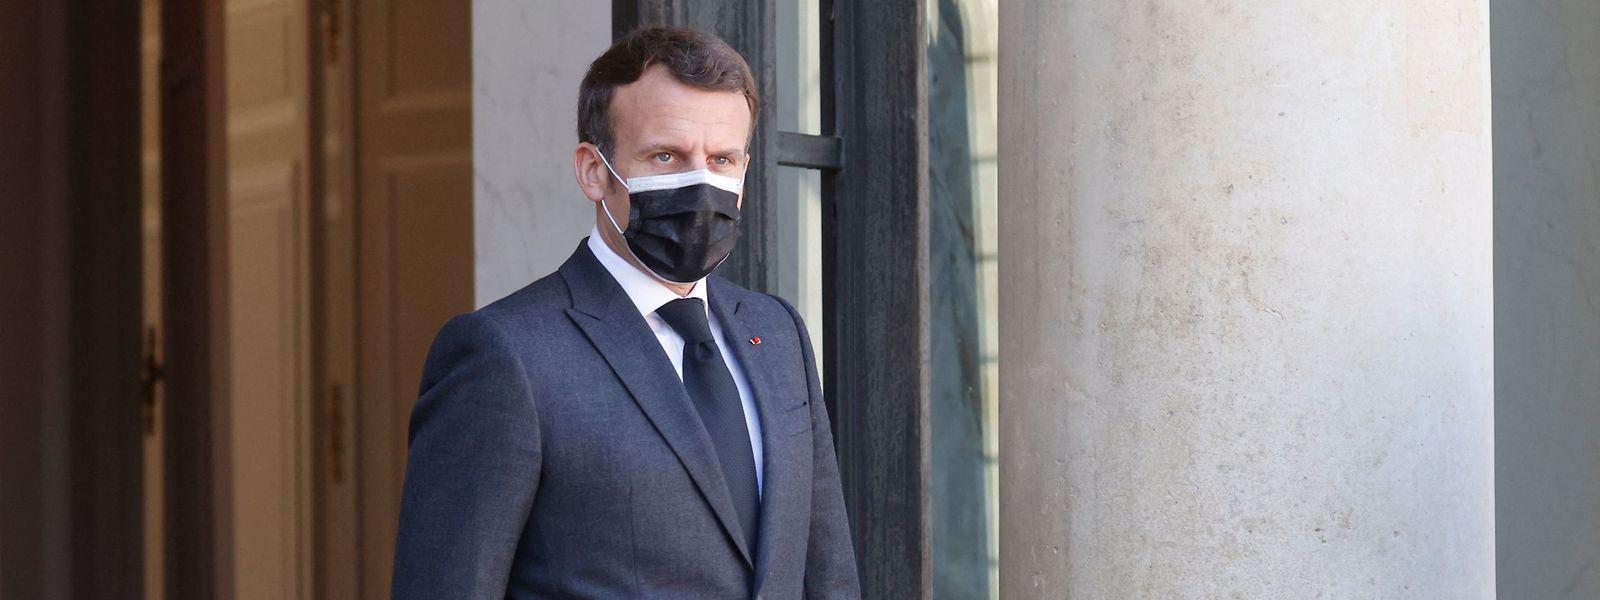 """""""Ich muss kein Mea Culpa aussprechen"""", so der französische Präsident Emmanuel Macron, der vor einem weiteren Lockdown zögert."""